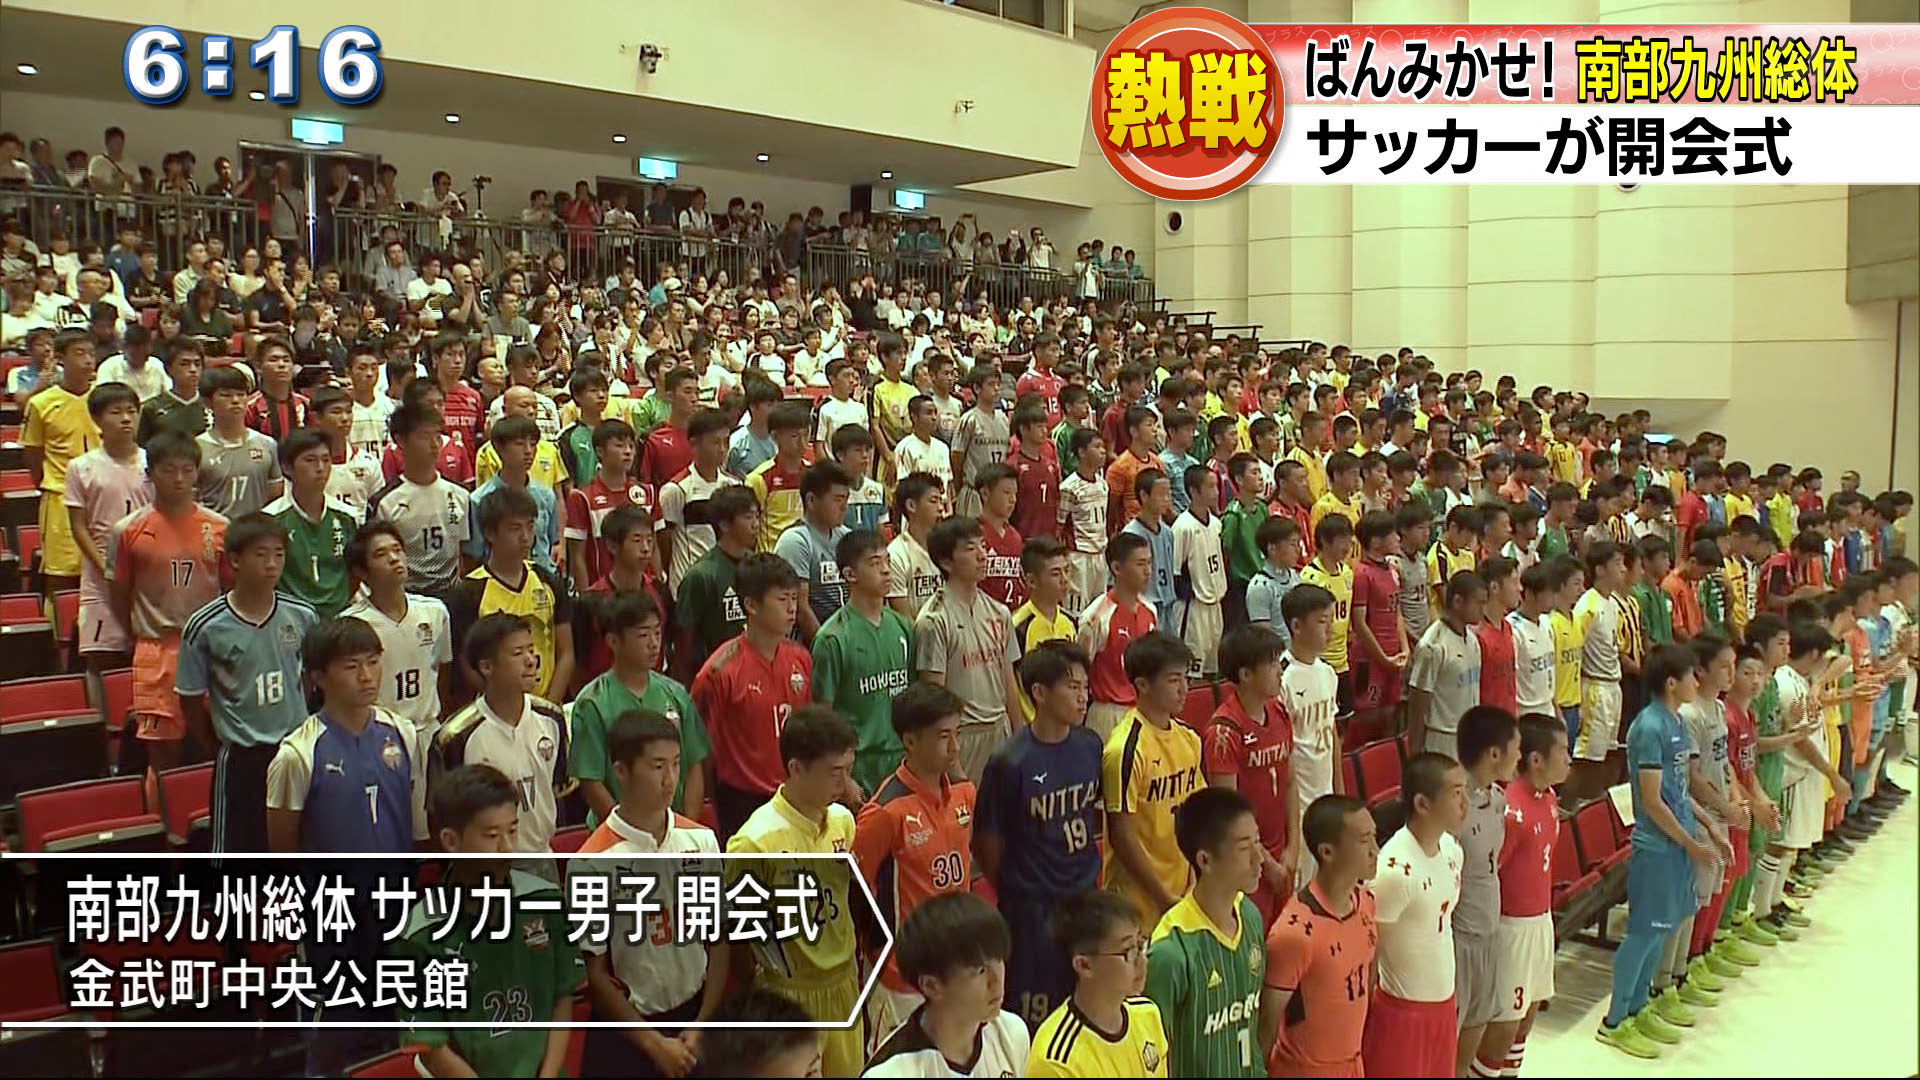 サッカー男子の開会式が行われました